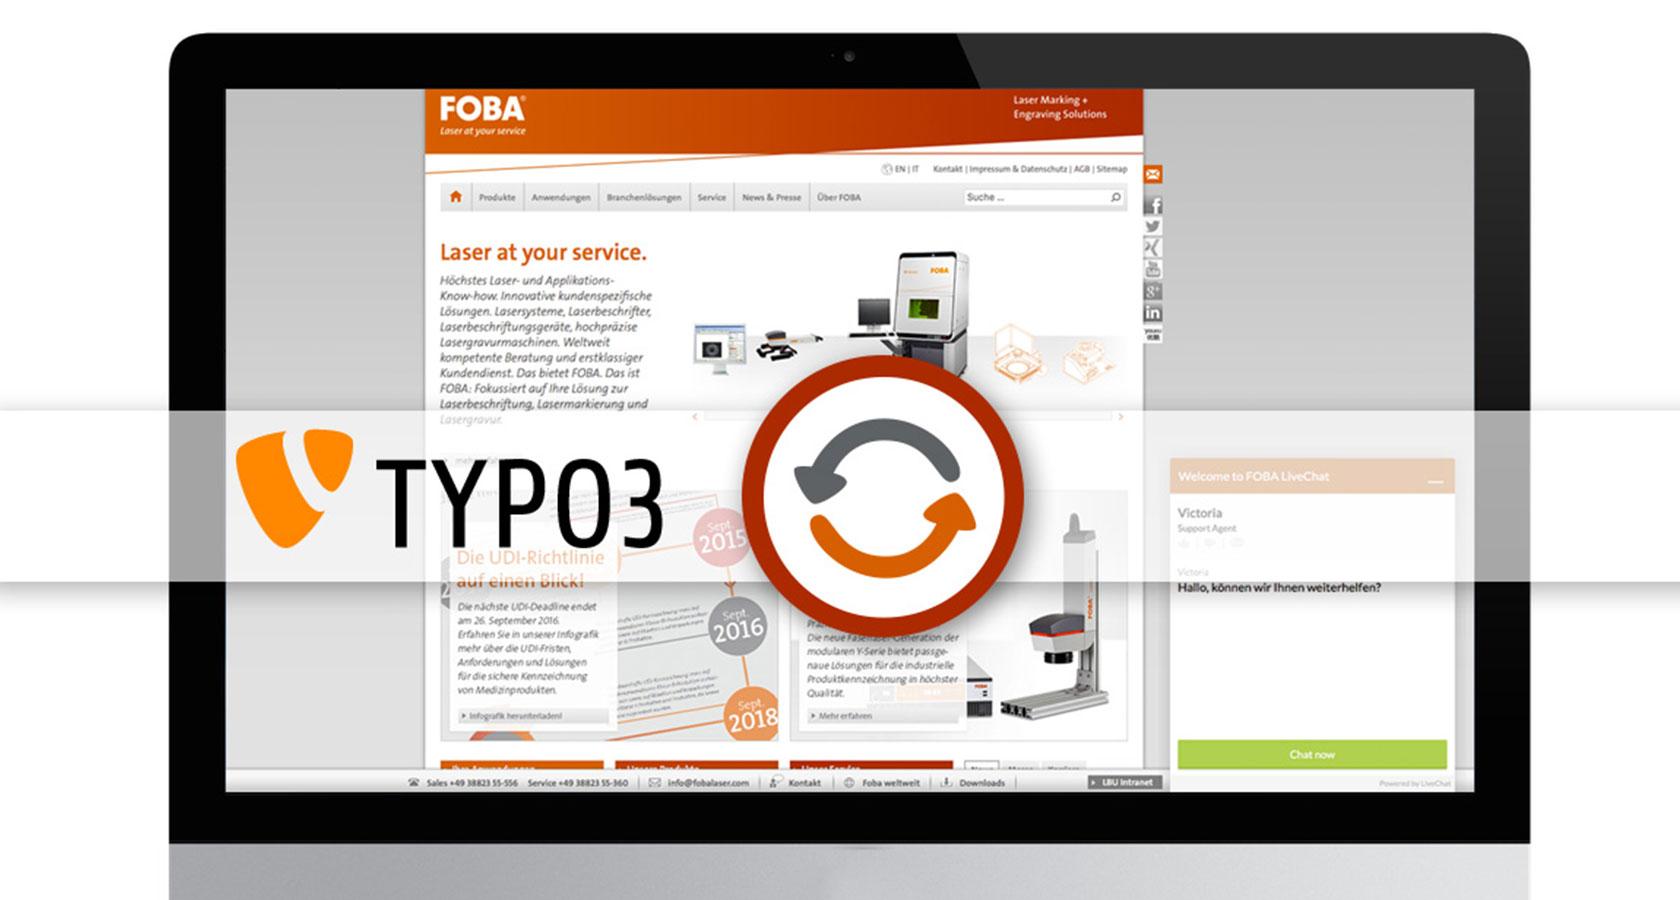 Bild eines iMac mit der Foba Homepage und ein Update Icon und TYPO3 Logo im Vordergrund